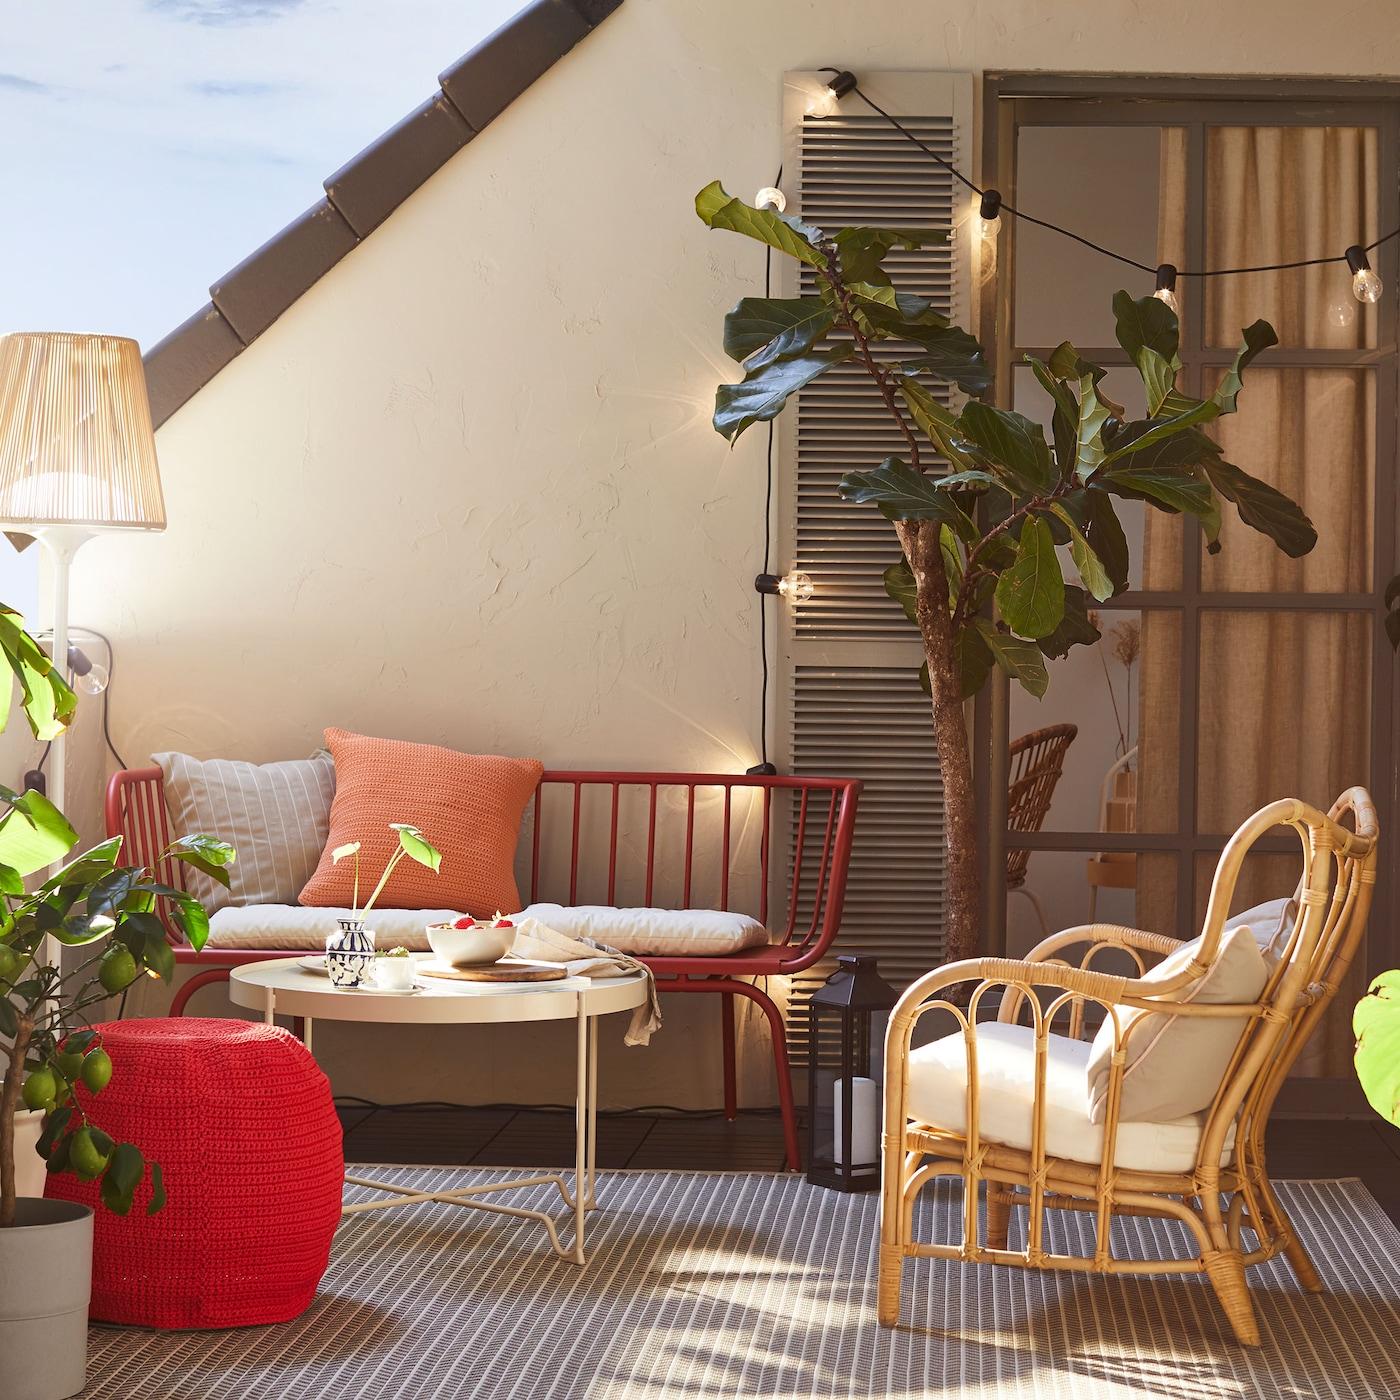 a4ad39658ce6 Garden ideas | Garden inspiration - IKEA